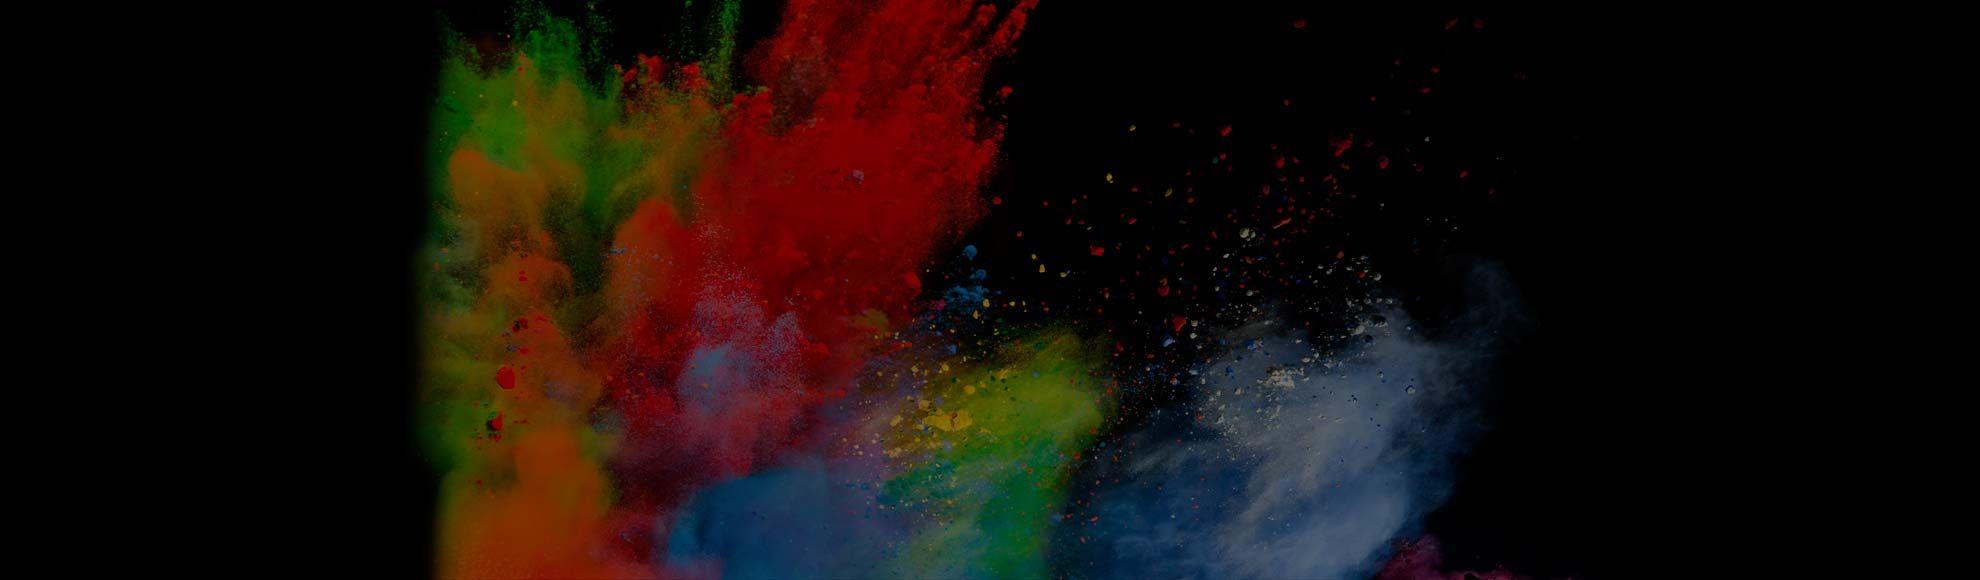 pigmentos-de-qualidade-laiouns-pigmentacao